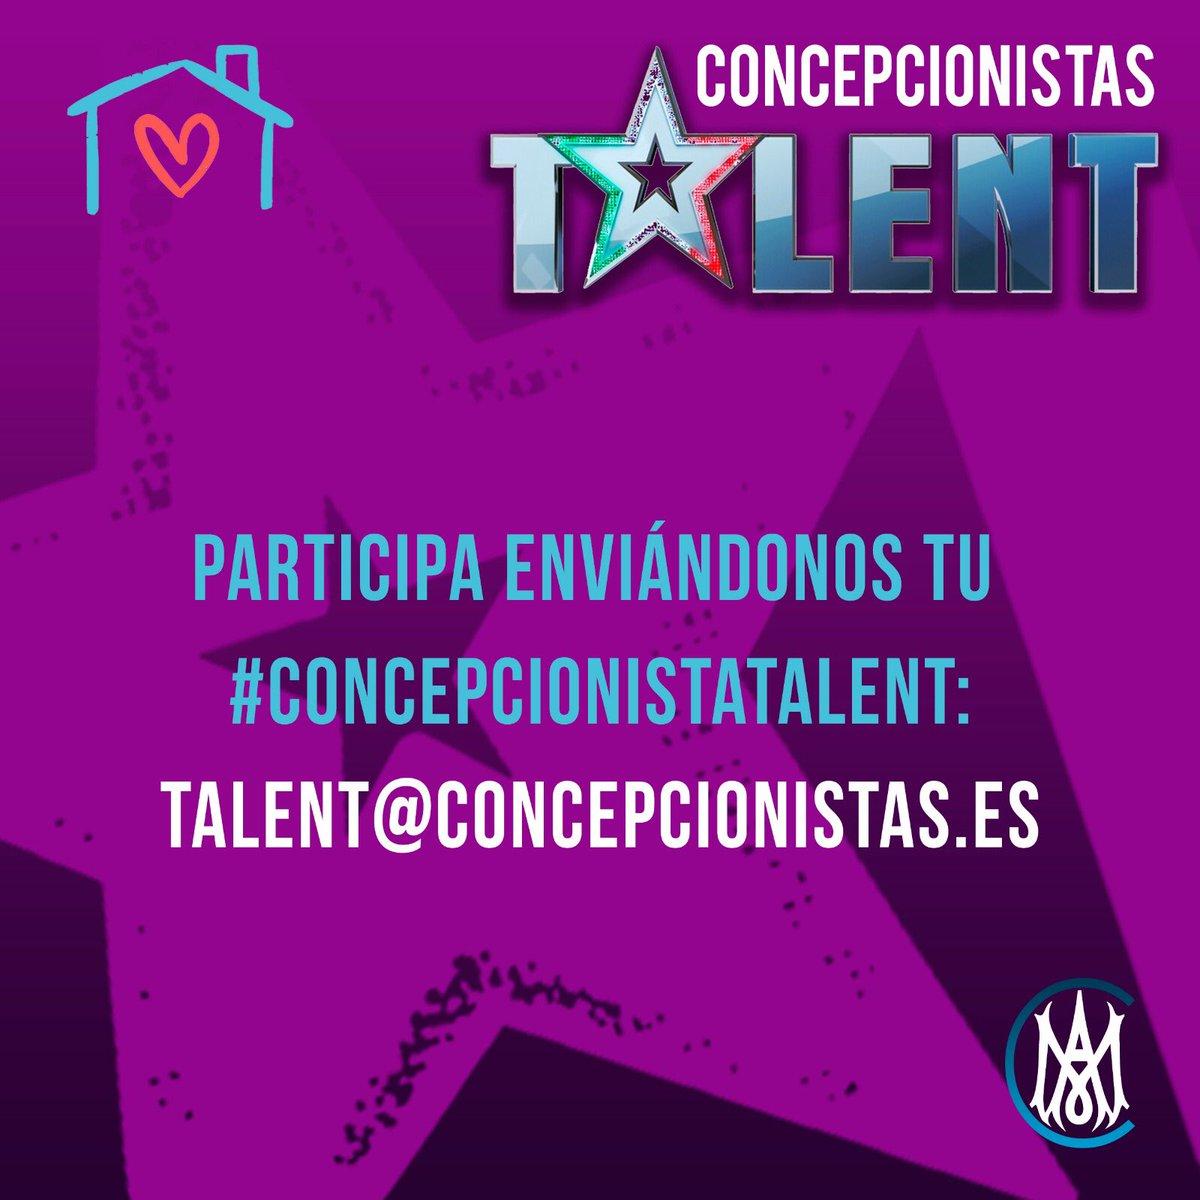 El Colegio de las Concepcionistas de Ponferrada convoca un concurso de talentos entre sus alumnos 3